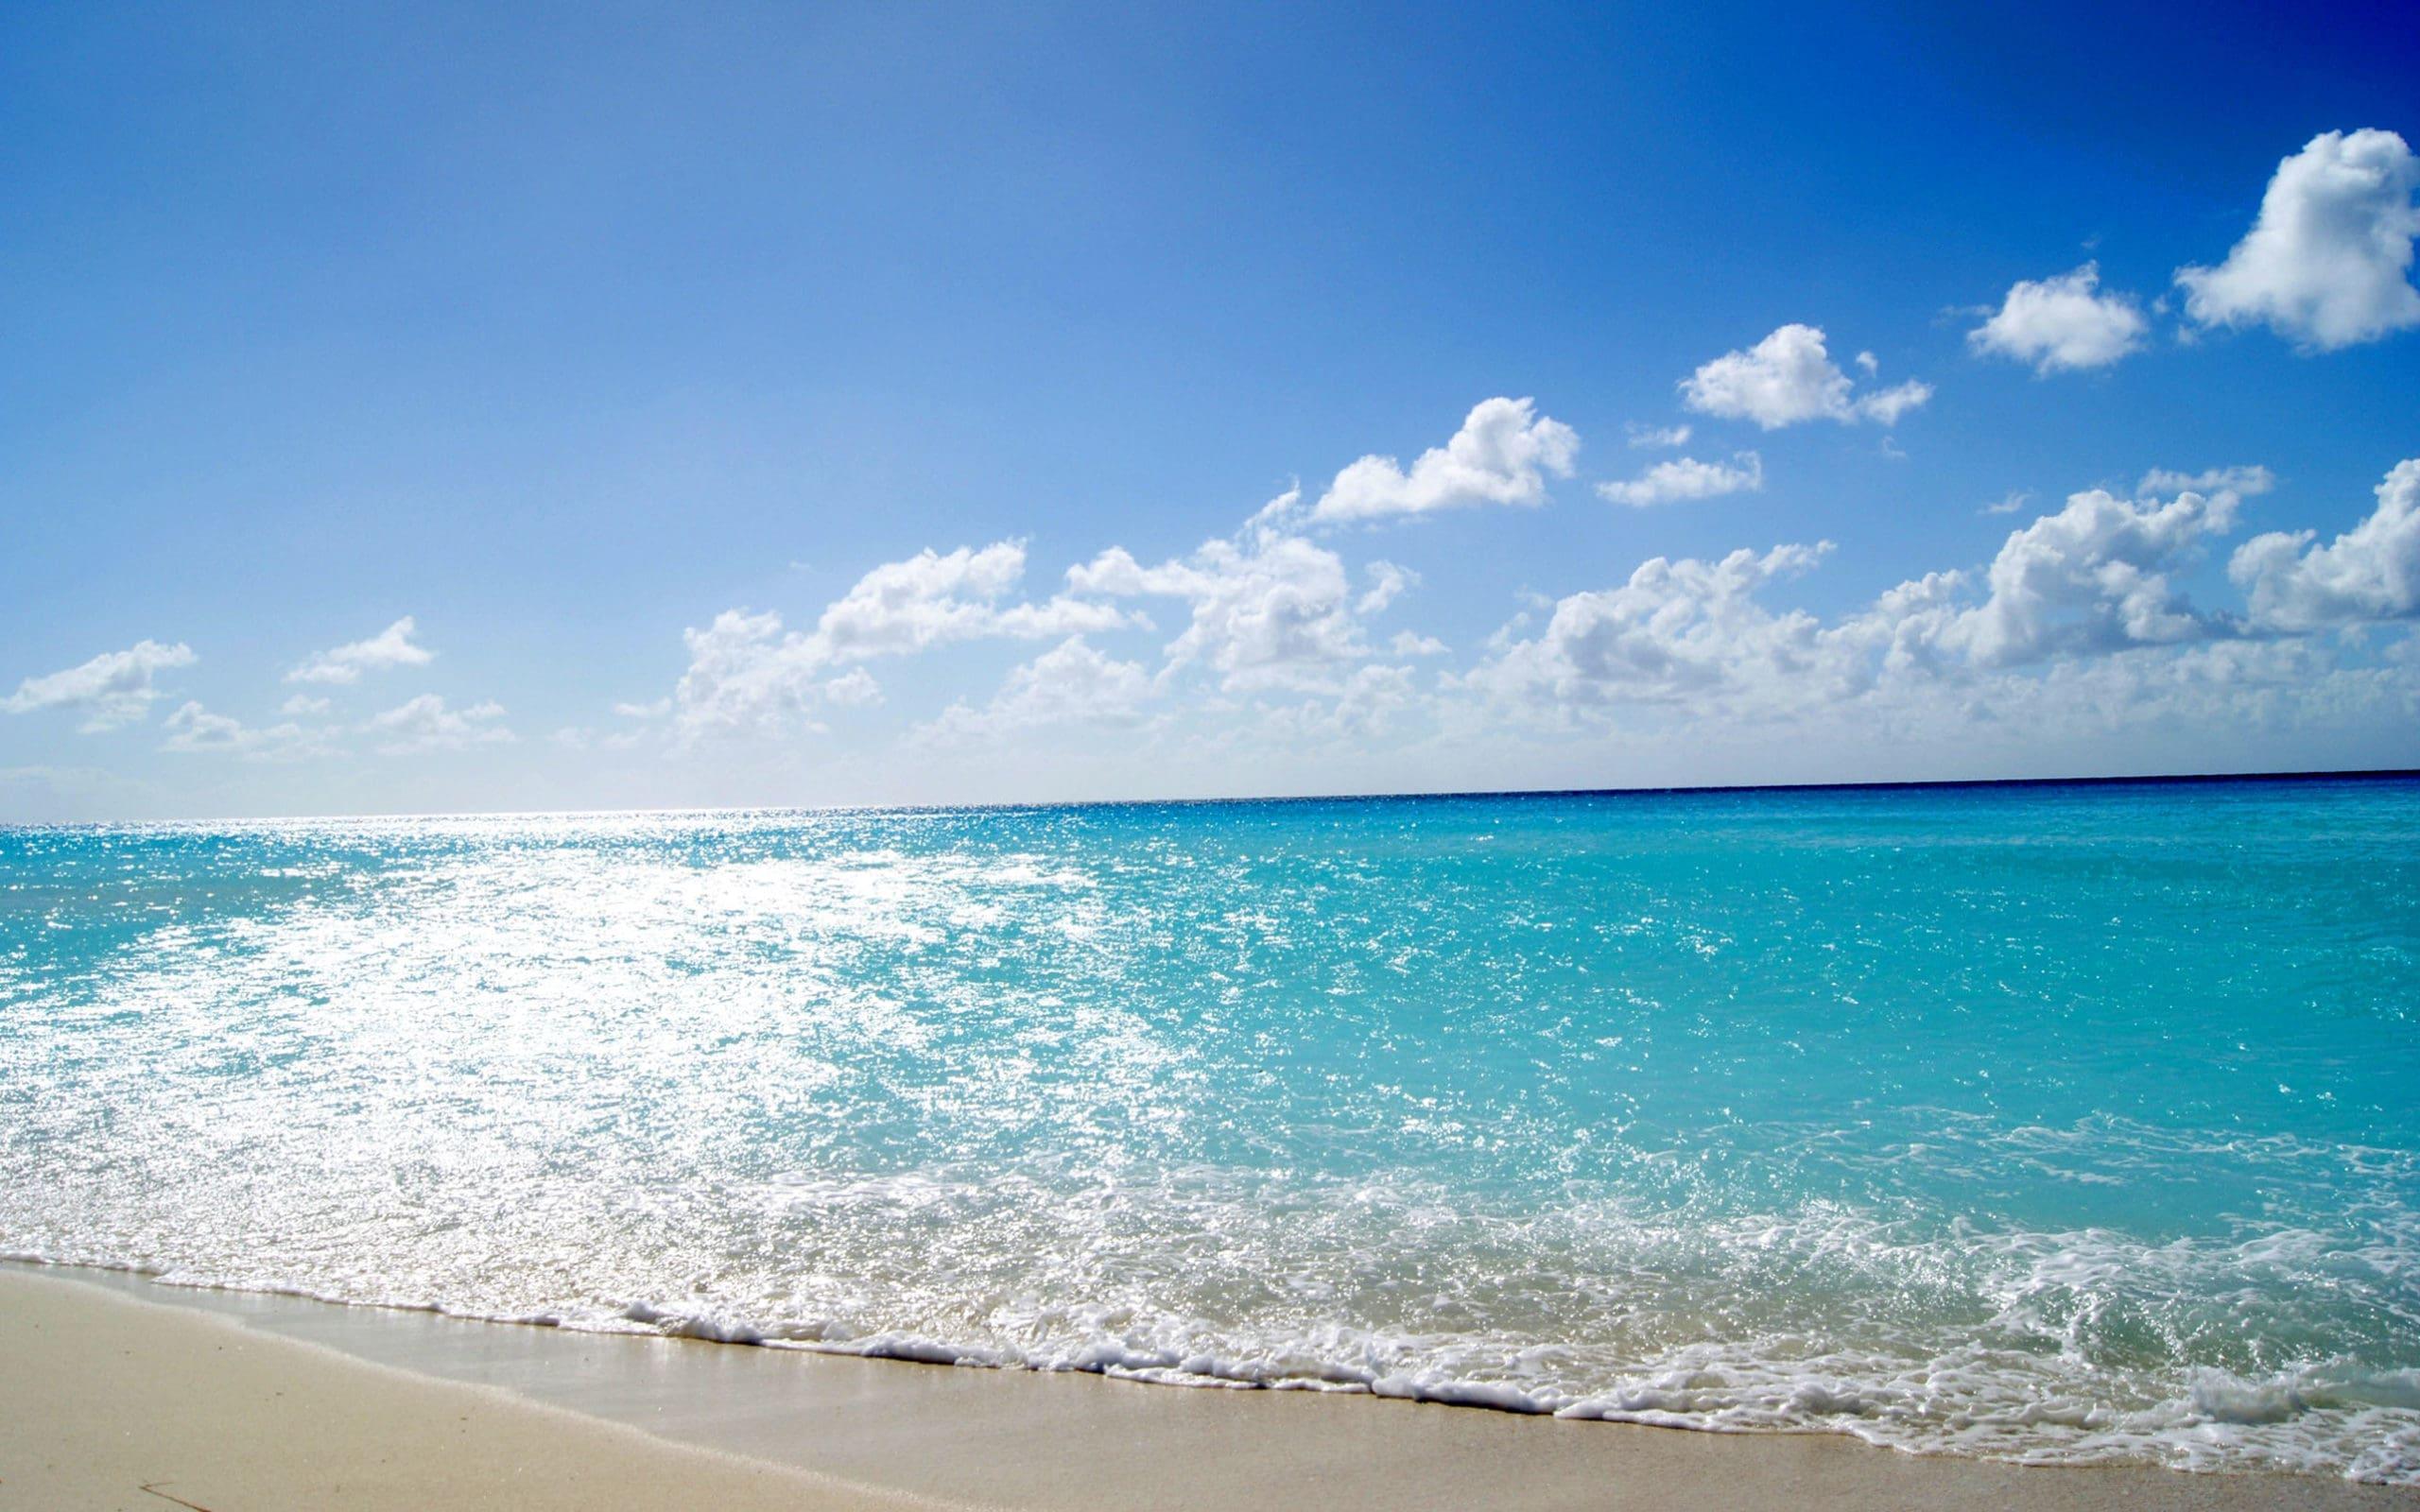 От какого моря считают высоты географических объектов?